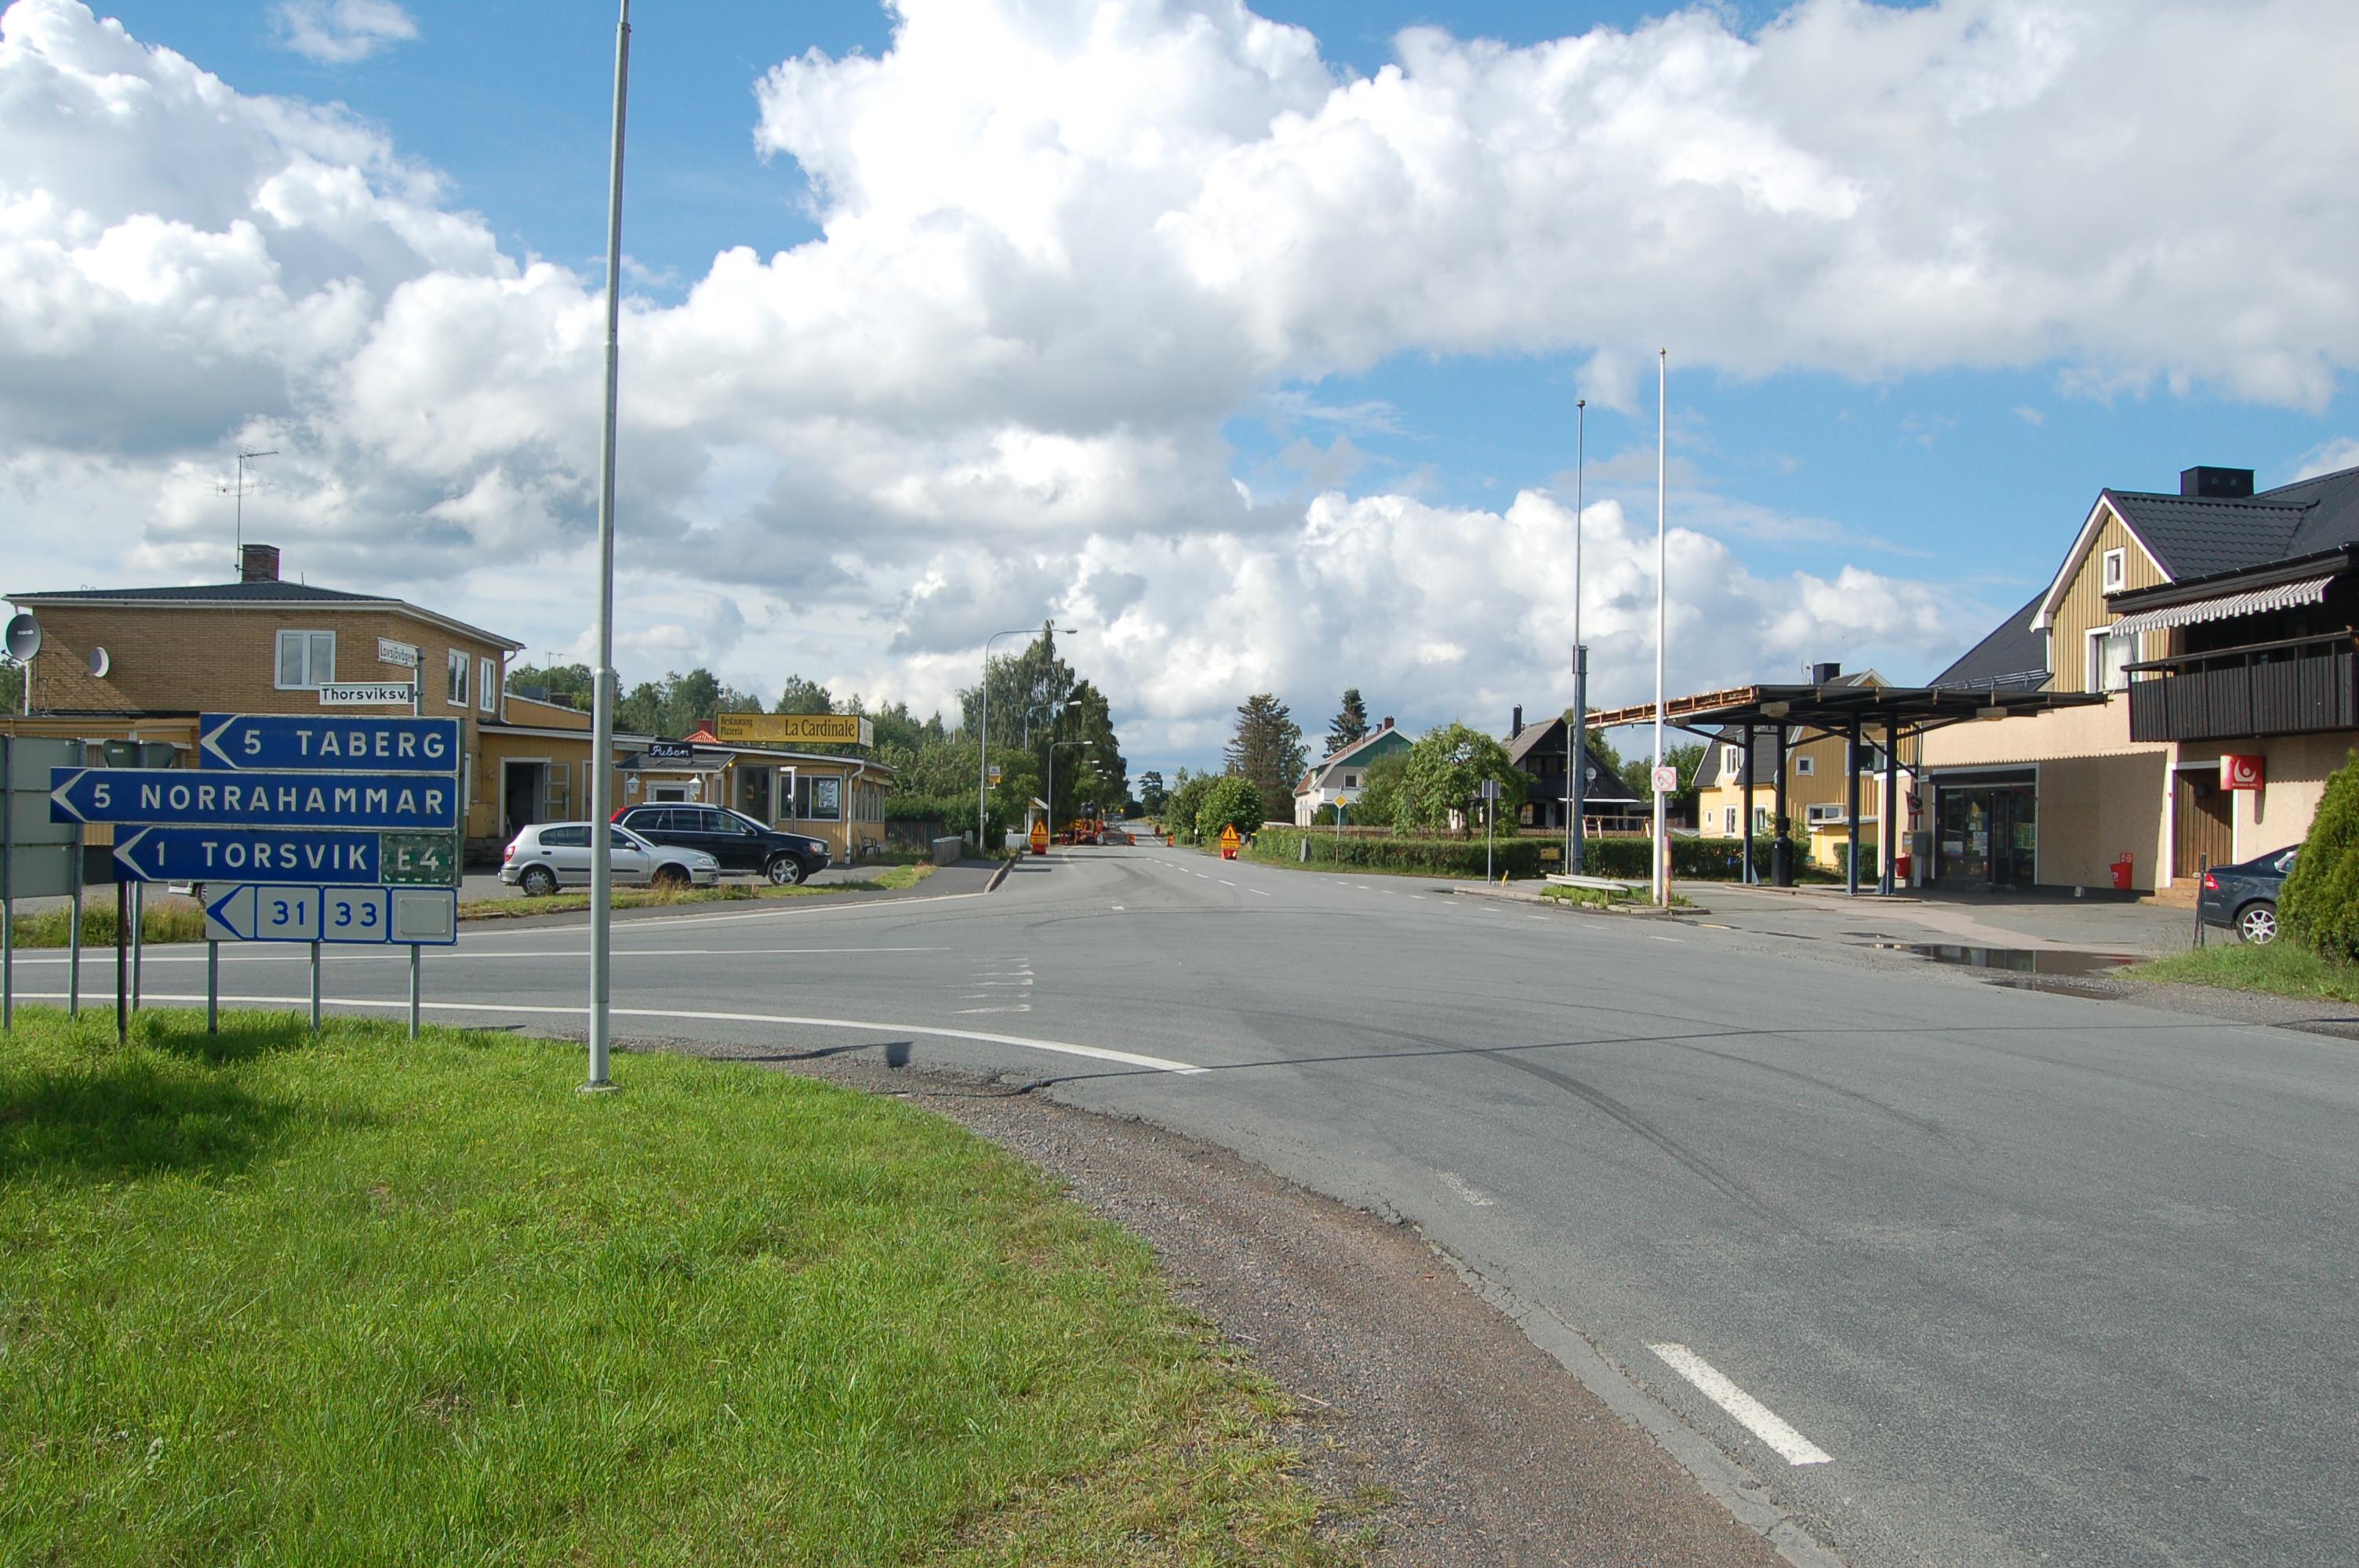 Boplatslmningar i Barnarp. Arkeologisk utredning, etapp 2